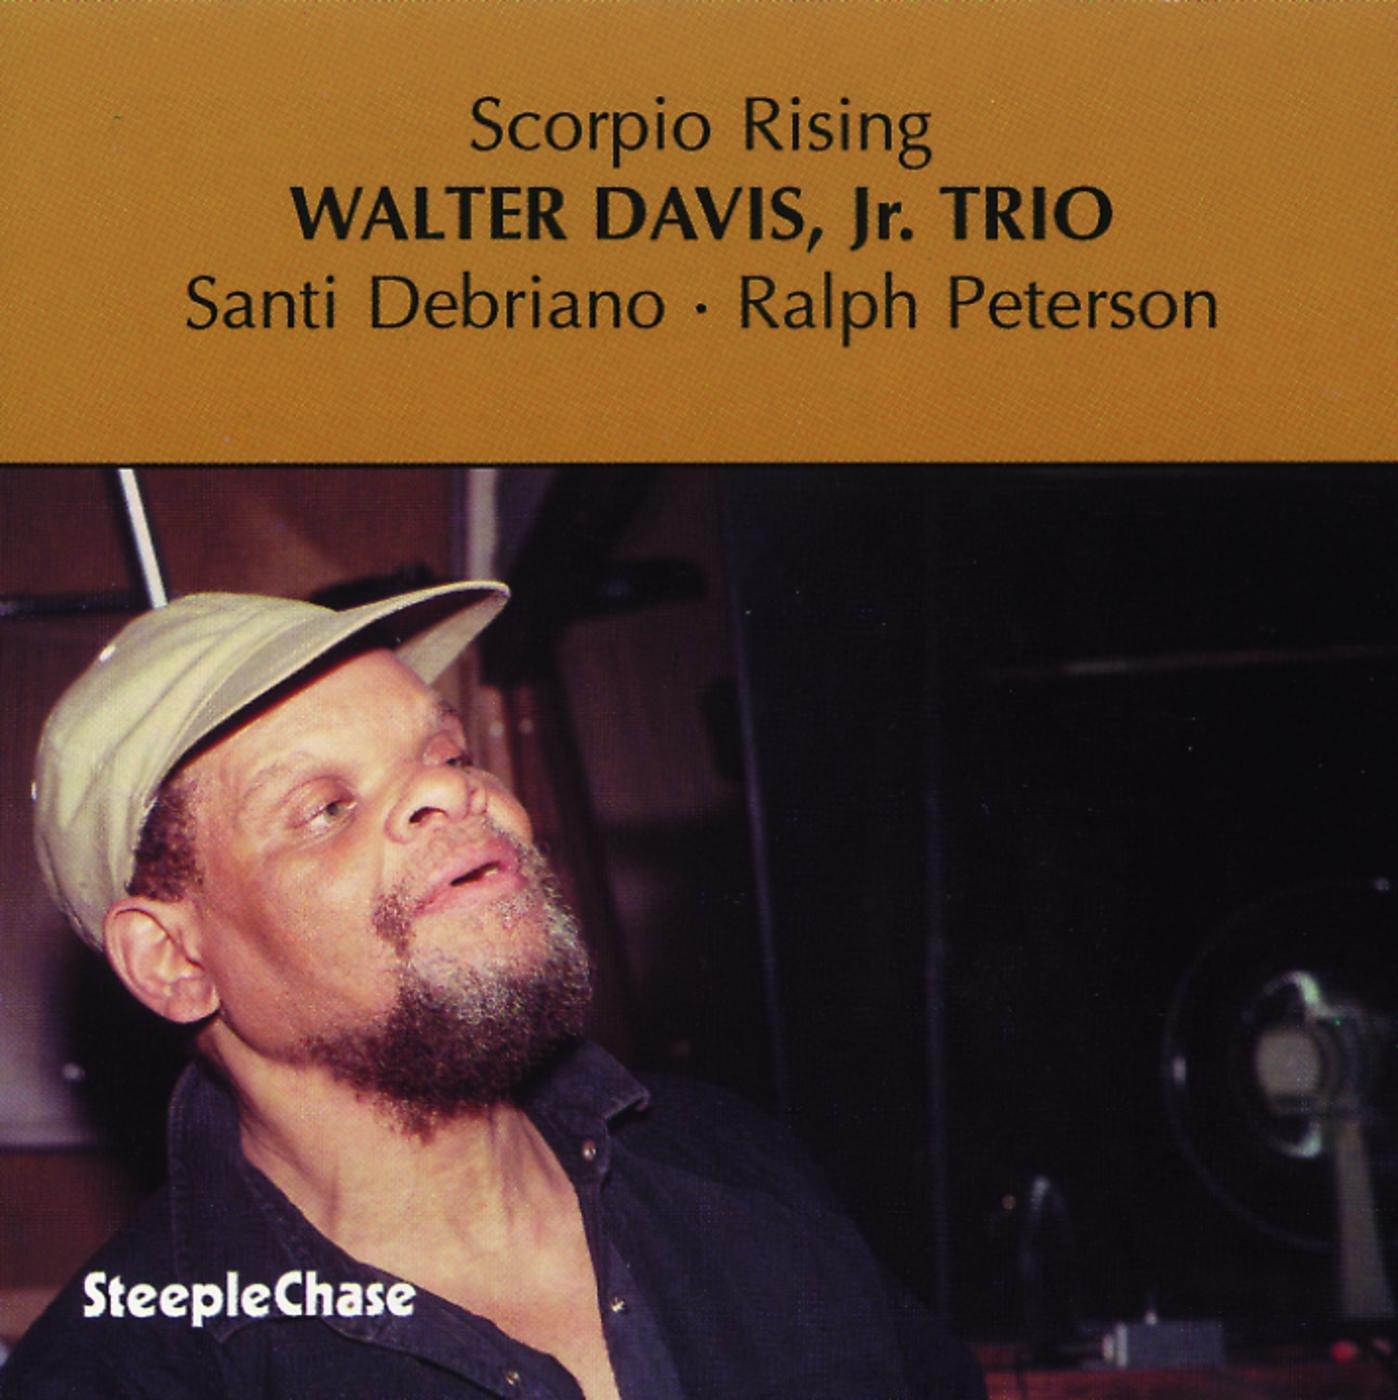 Amazon Scorpio Rising Walter Davis Jr